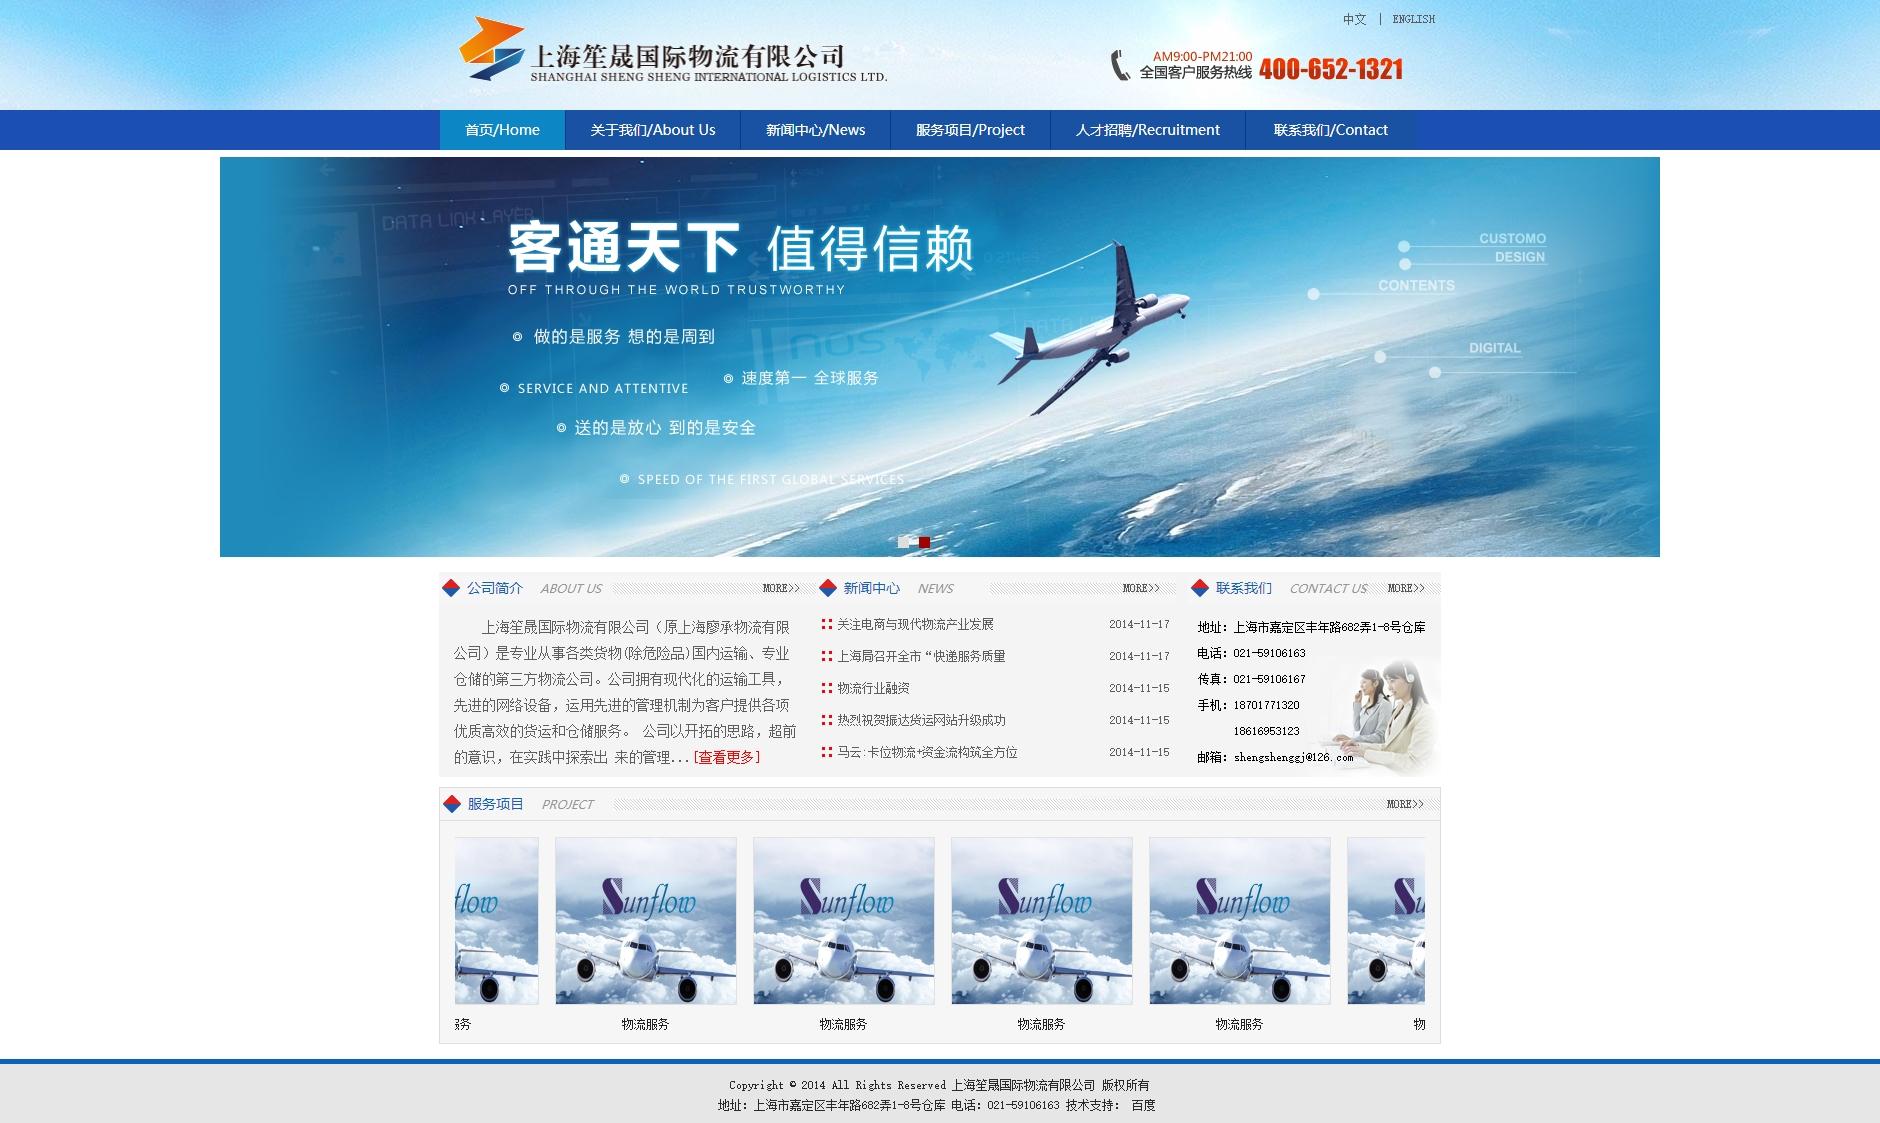 蓝色大气物流公司企业网站整站织梦dedecms源码(笙晟国际)